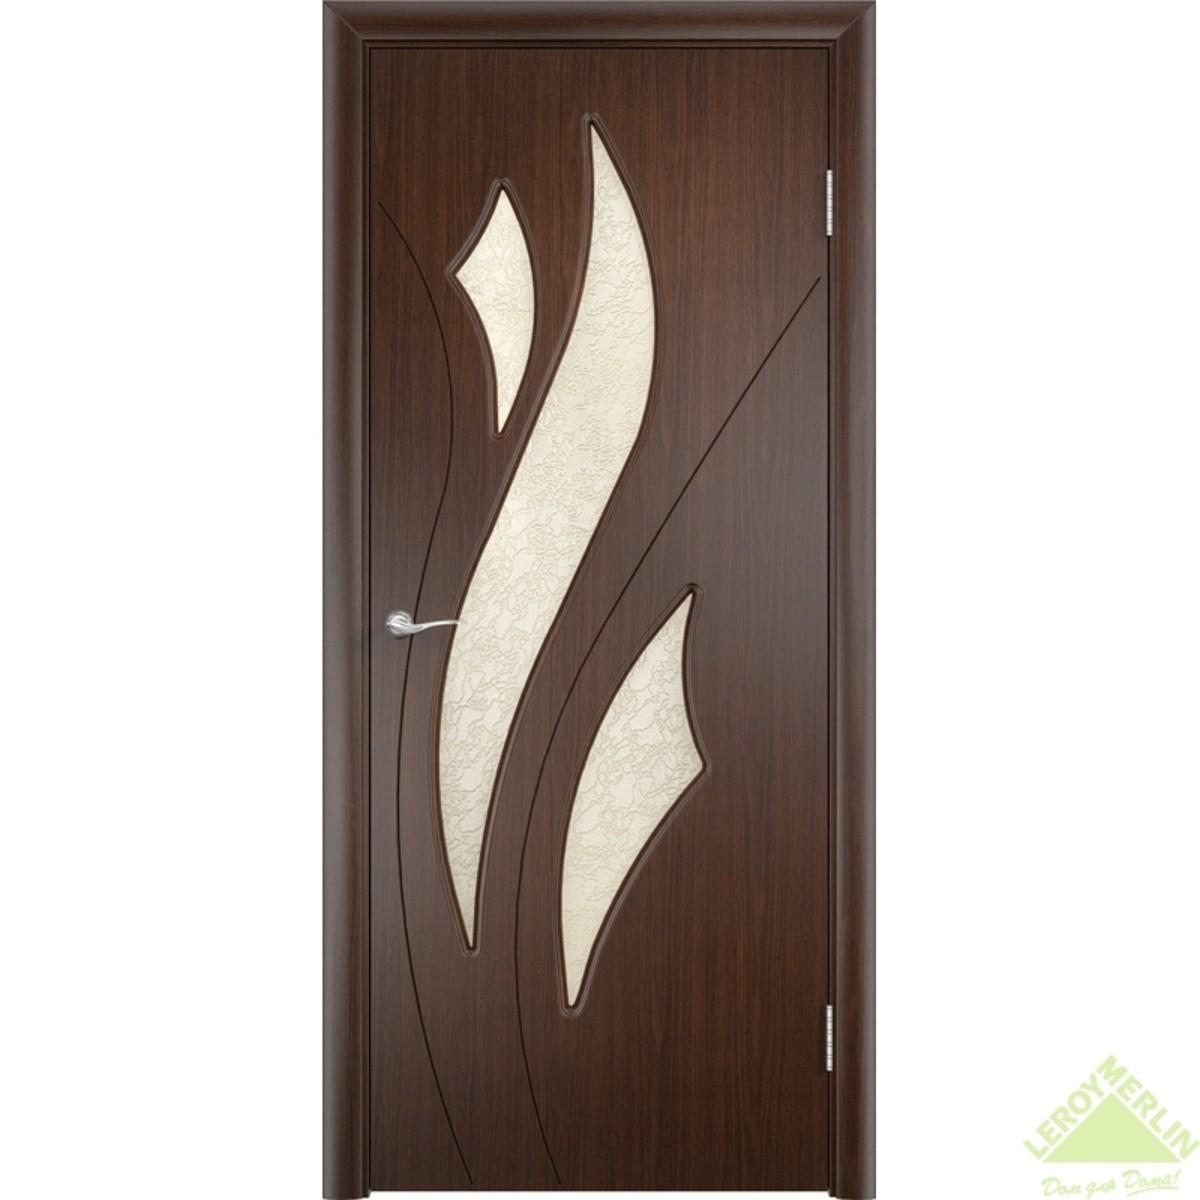 Дверное полотно остеклённое Латина Дельта 70x200 см ПВХ венге